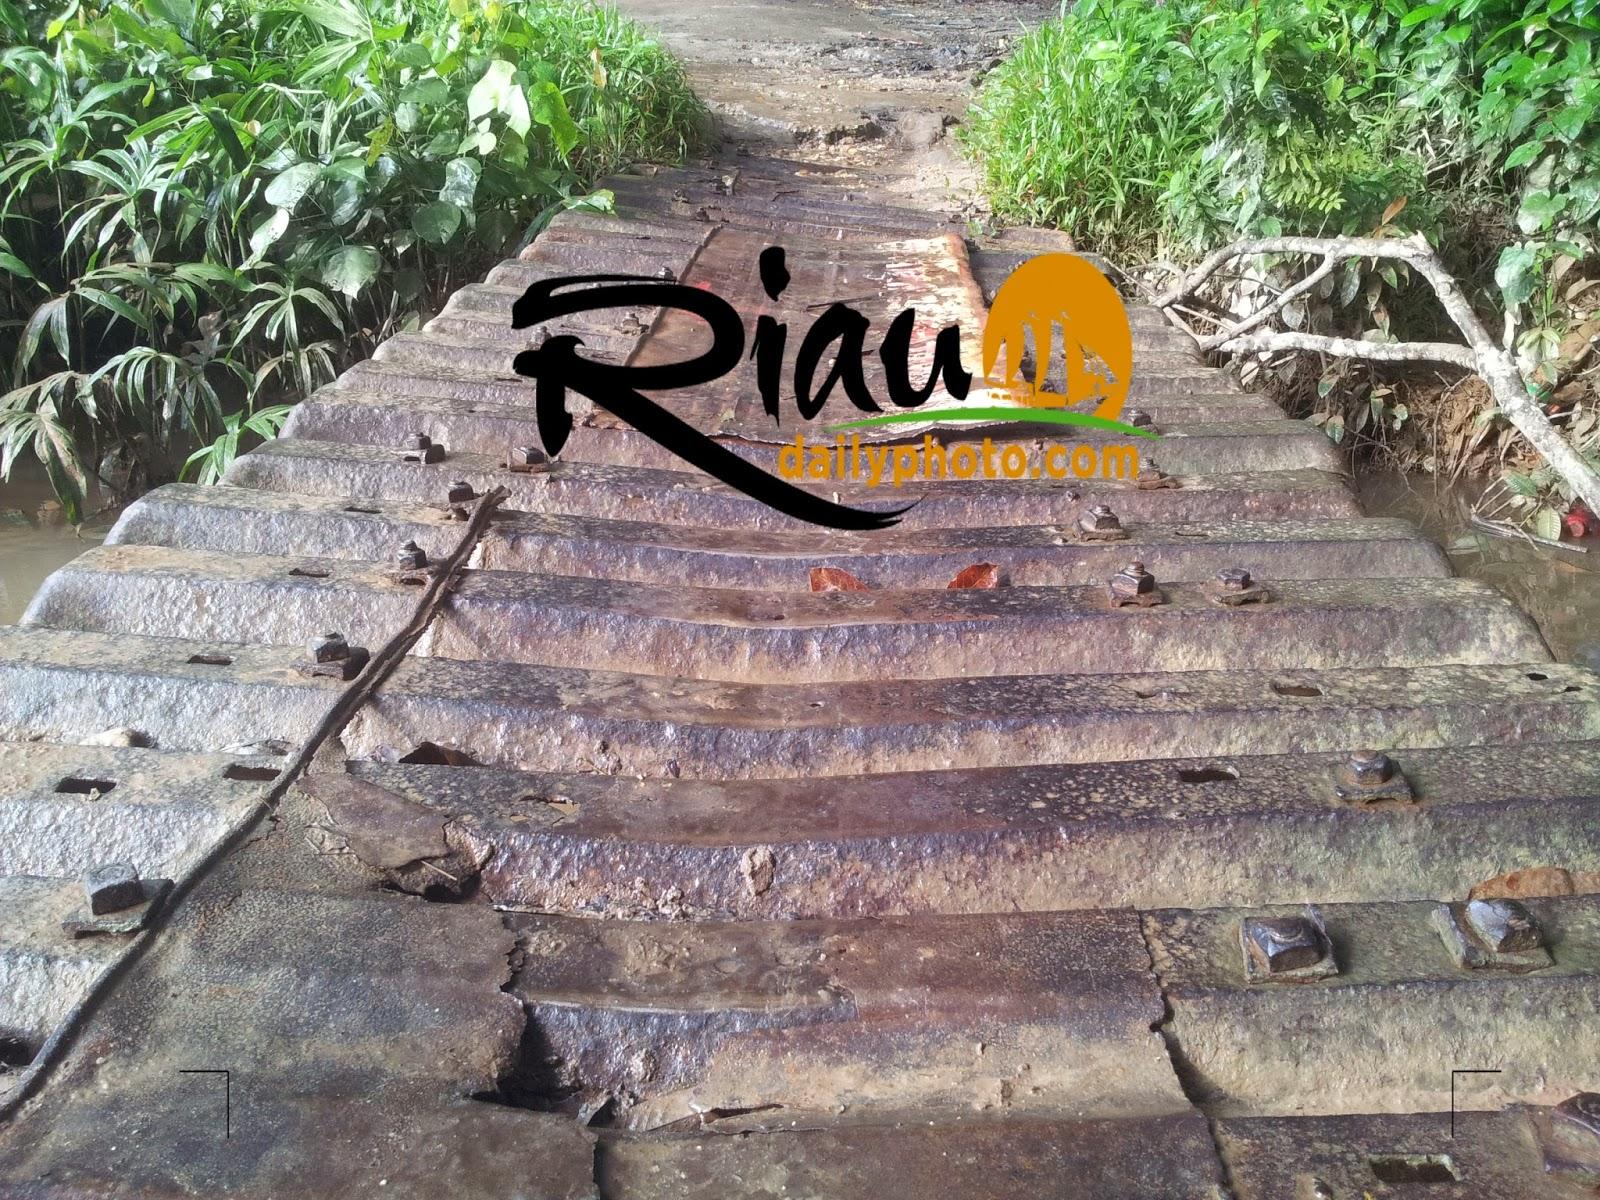 di Desa Koto Baru dan bantalan rel tersebut digunakan sebagai jembatan penyeberangan Akhirnya pencarian kami ke Desa Koto Baru terbayar dengan